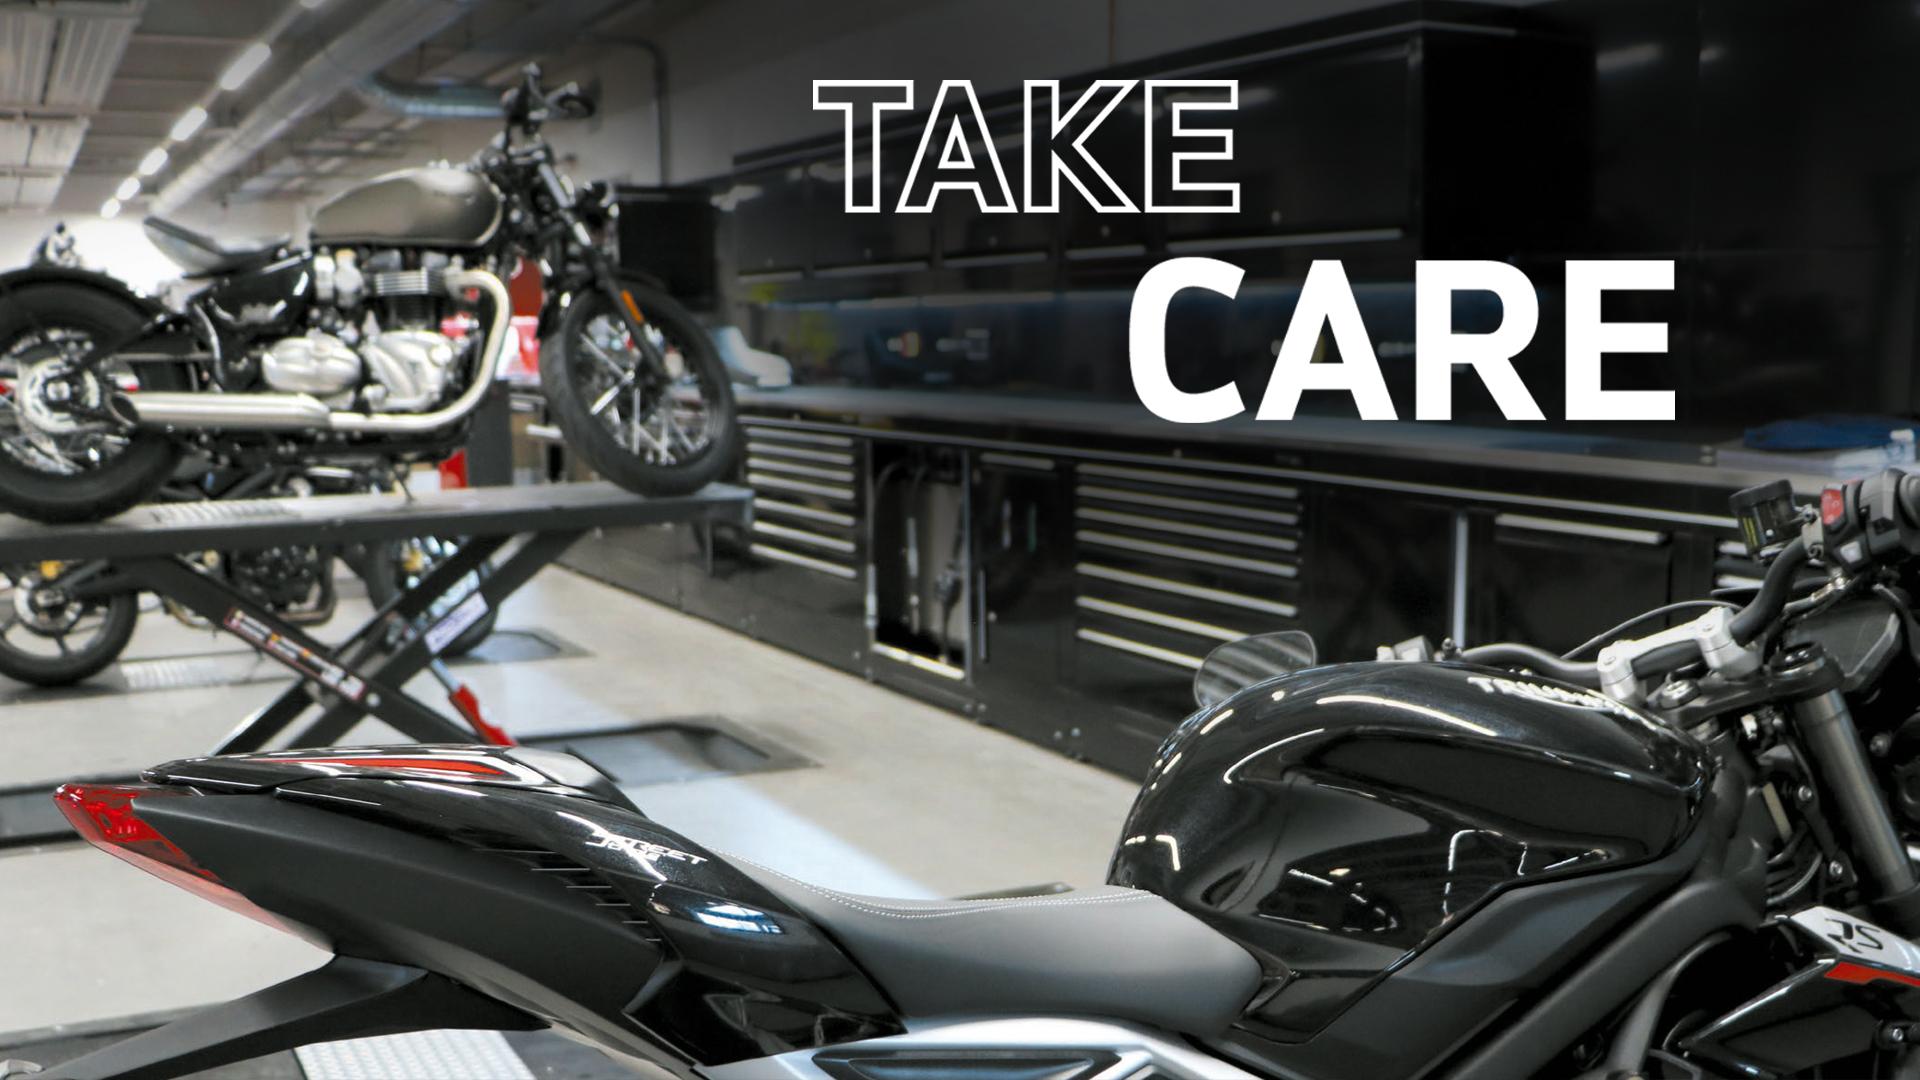 Triumph Take Care